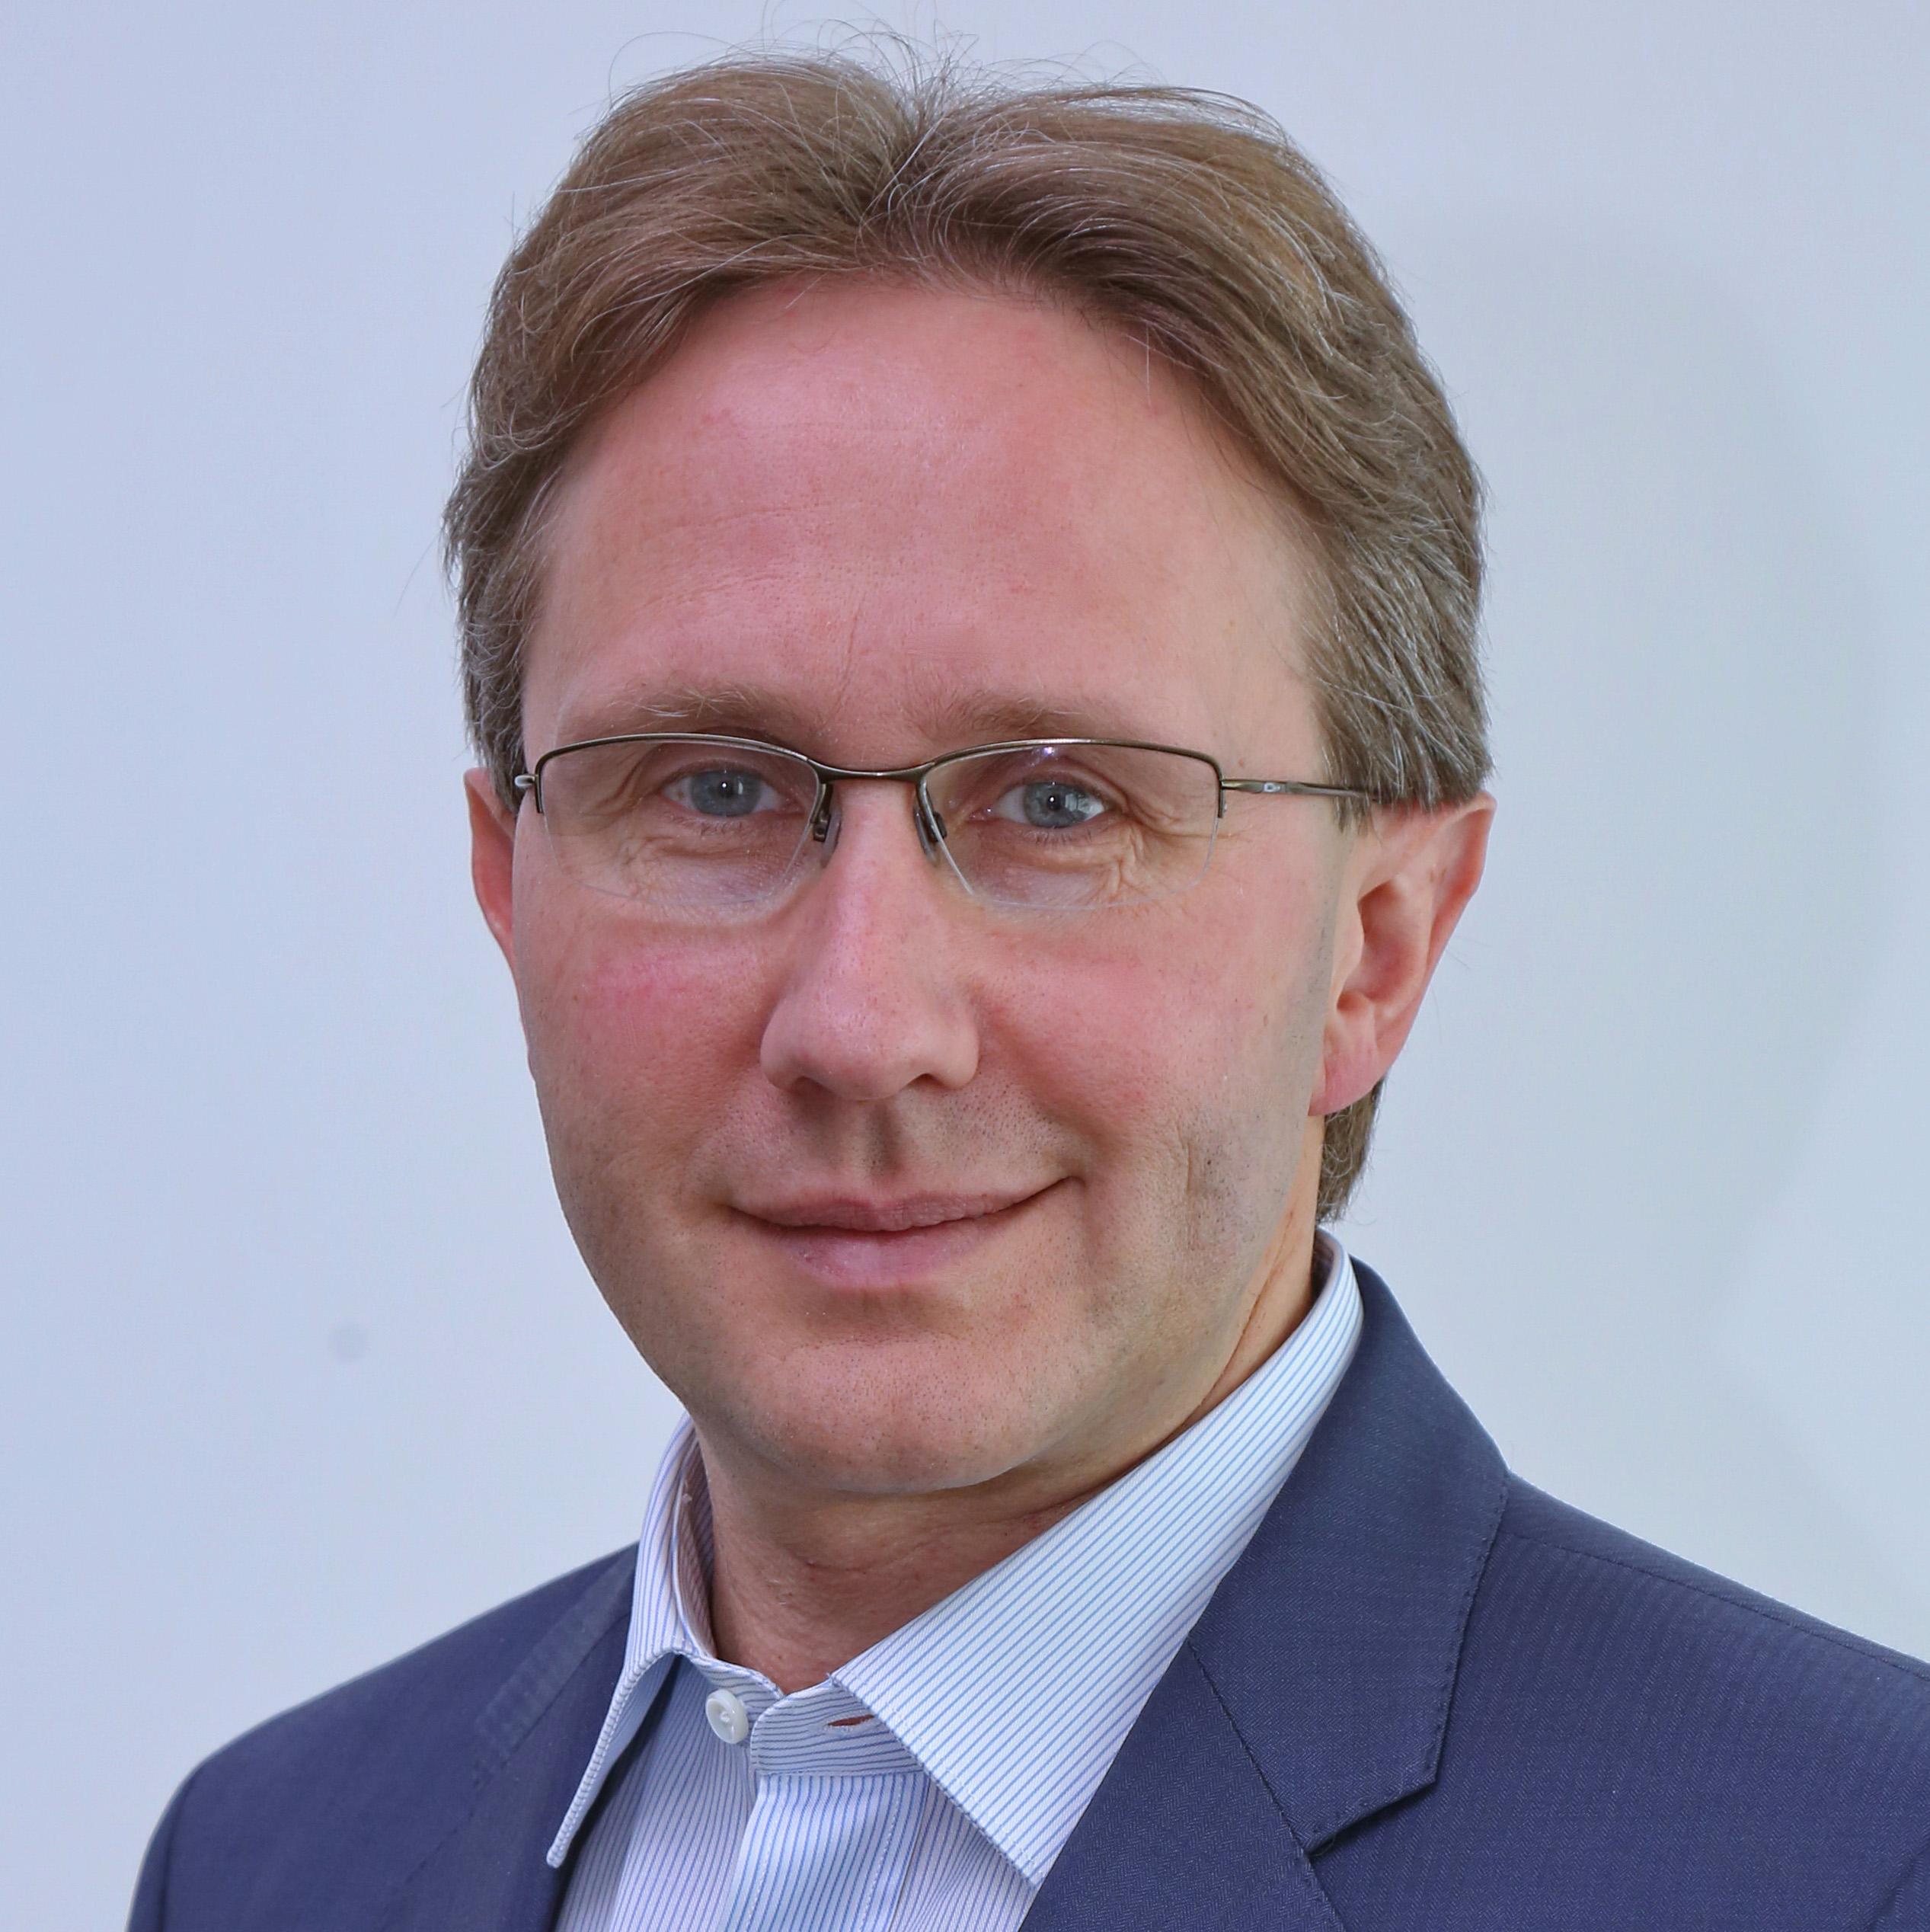 Laurent Wolffsheim